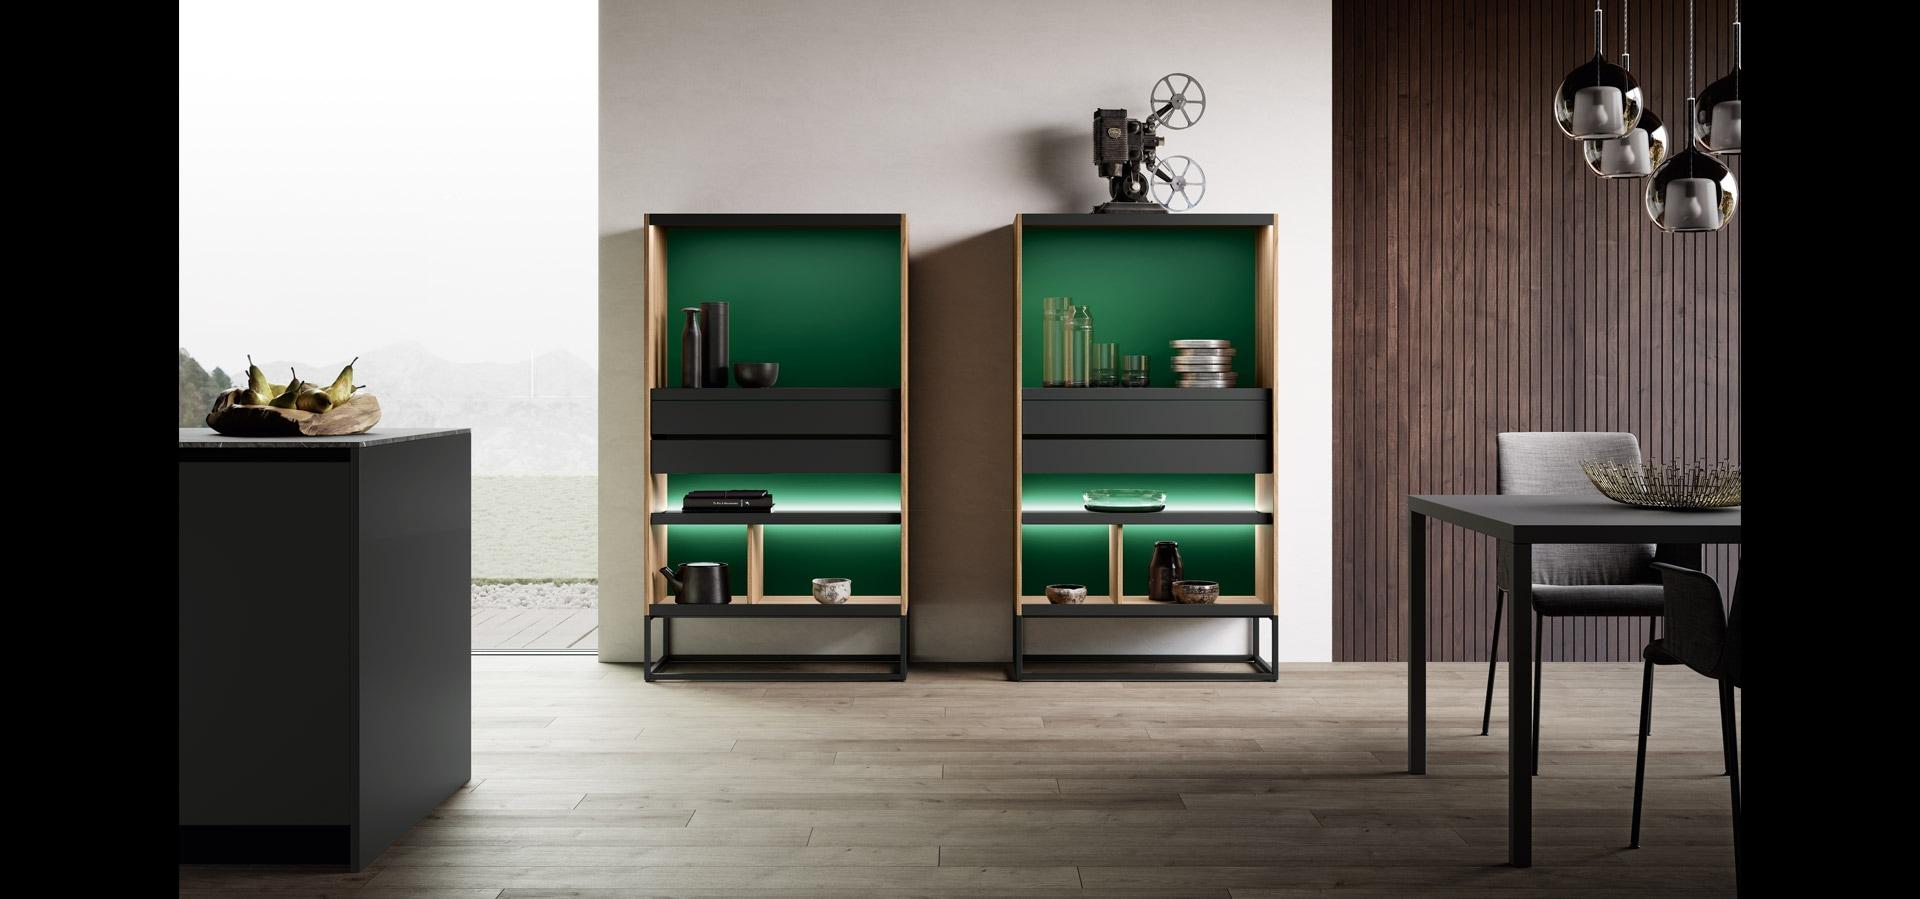 Cucina in legno noce e bilaminato opaco | Ménta_03 | MITON Cucine